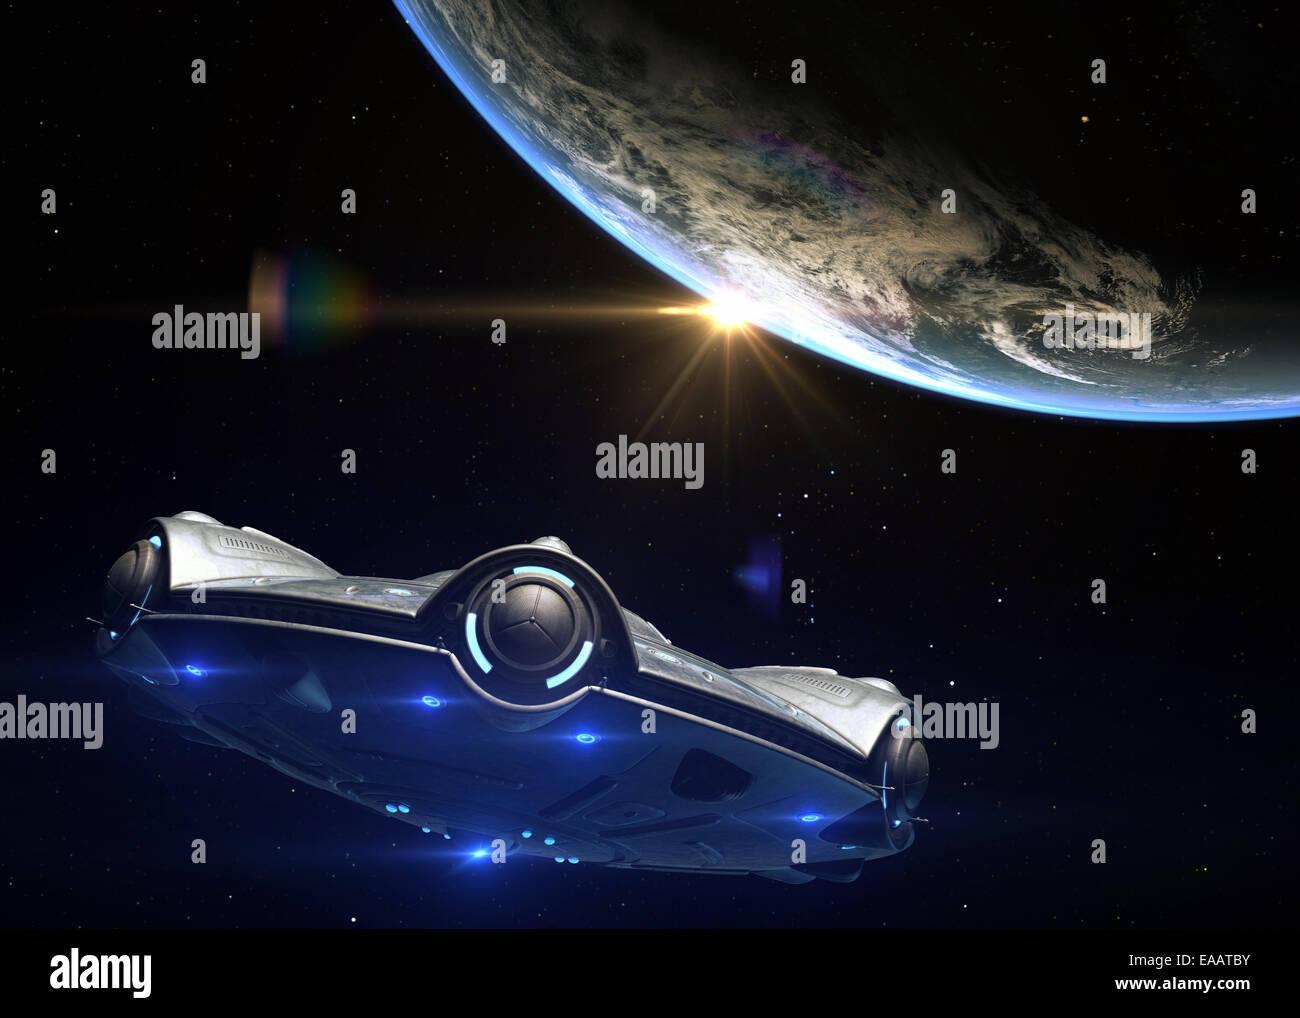 UFO headed toward Earth - Stock Image